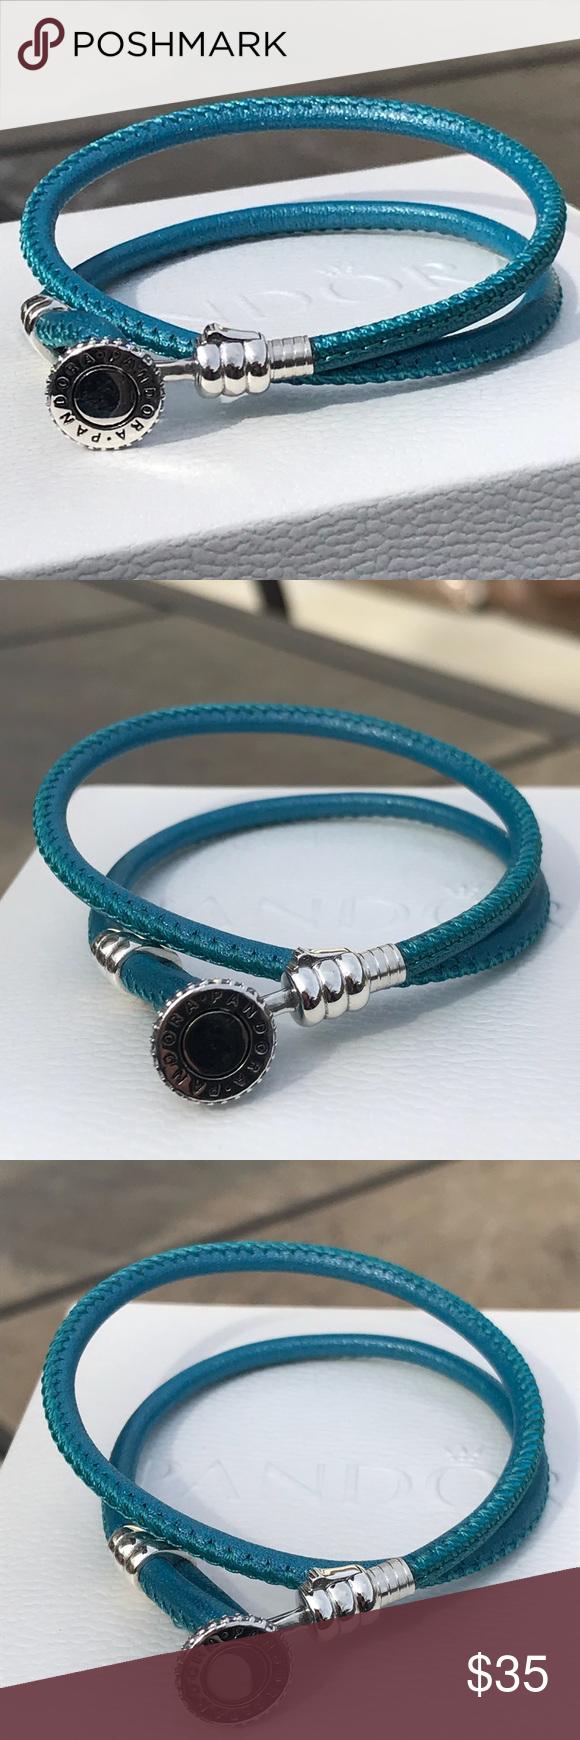 7177b74f331d3 Pandora Turquoise Double Leather Bracelet Authentic Pandora Bracelet ...